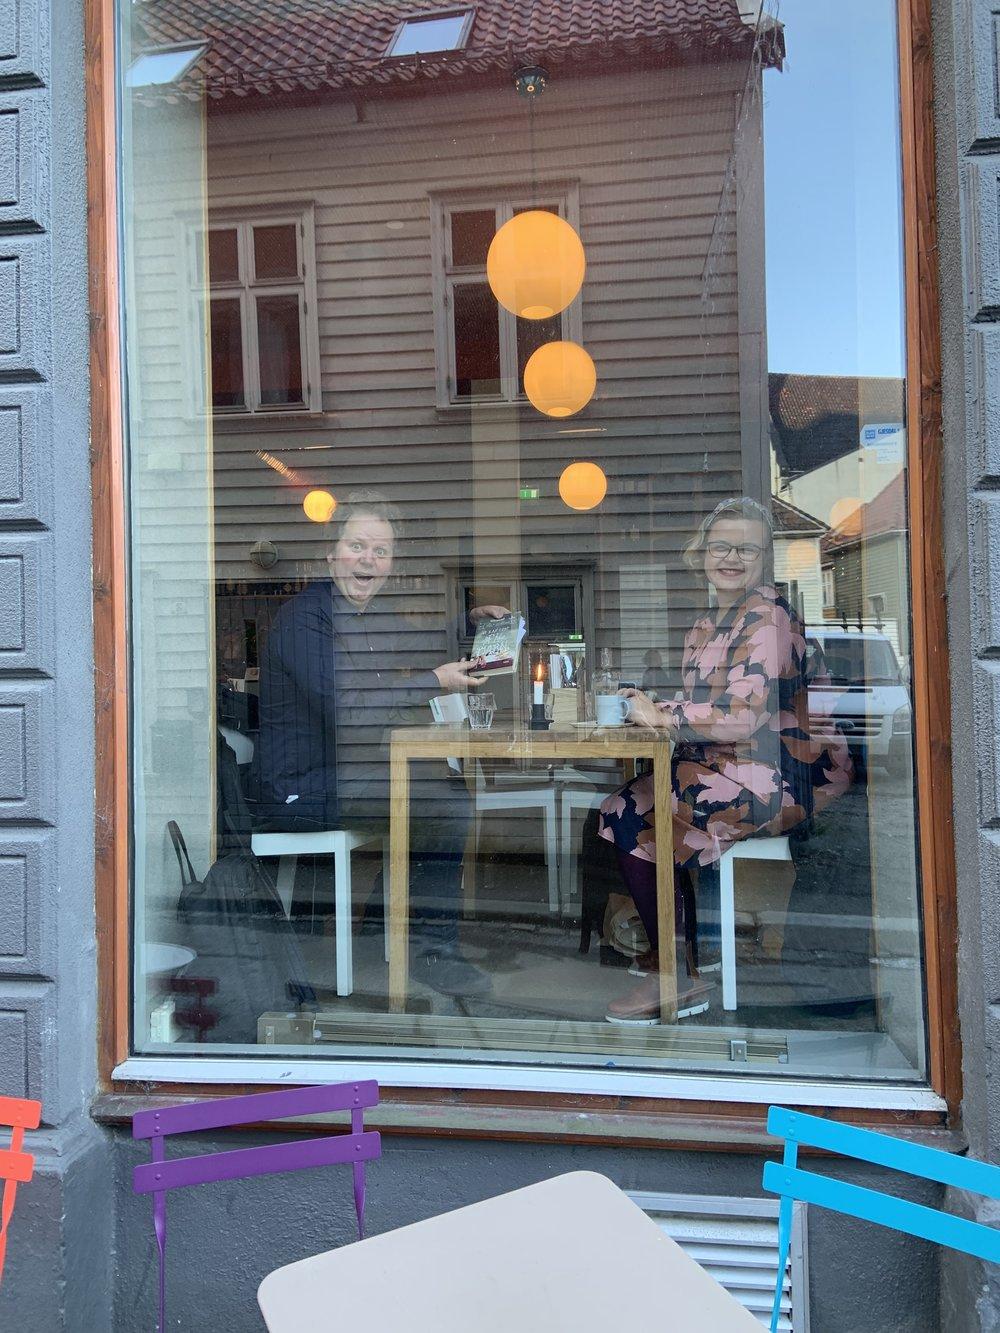 Så glade ble Jan Zahl og Silje Stavrum over at jeg etter å ha valgt snile-kose-metoden inn til Bergen (bybanen) endelig kom fram til Litteraturhuset.